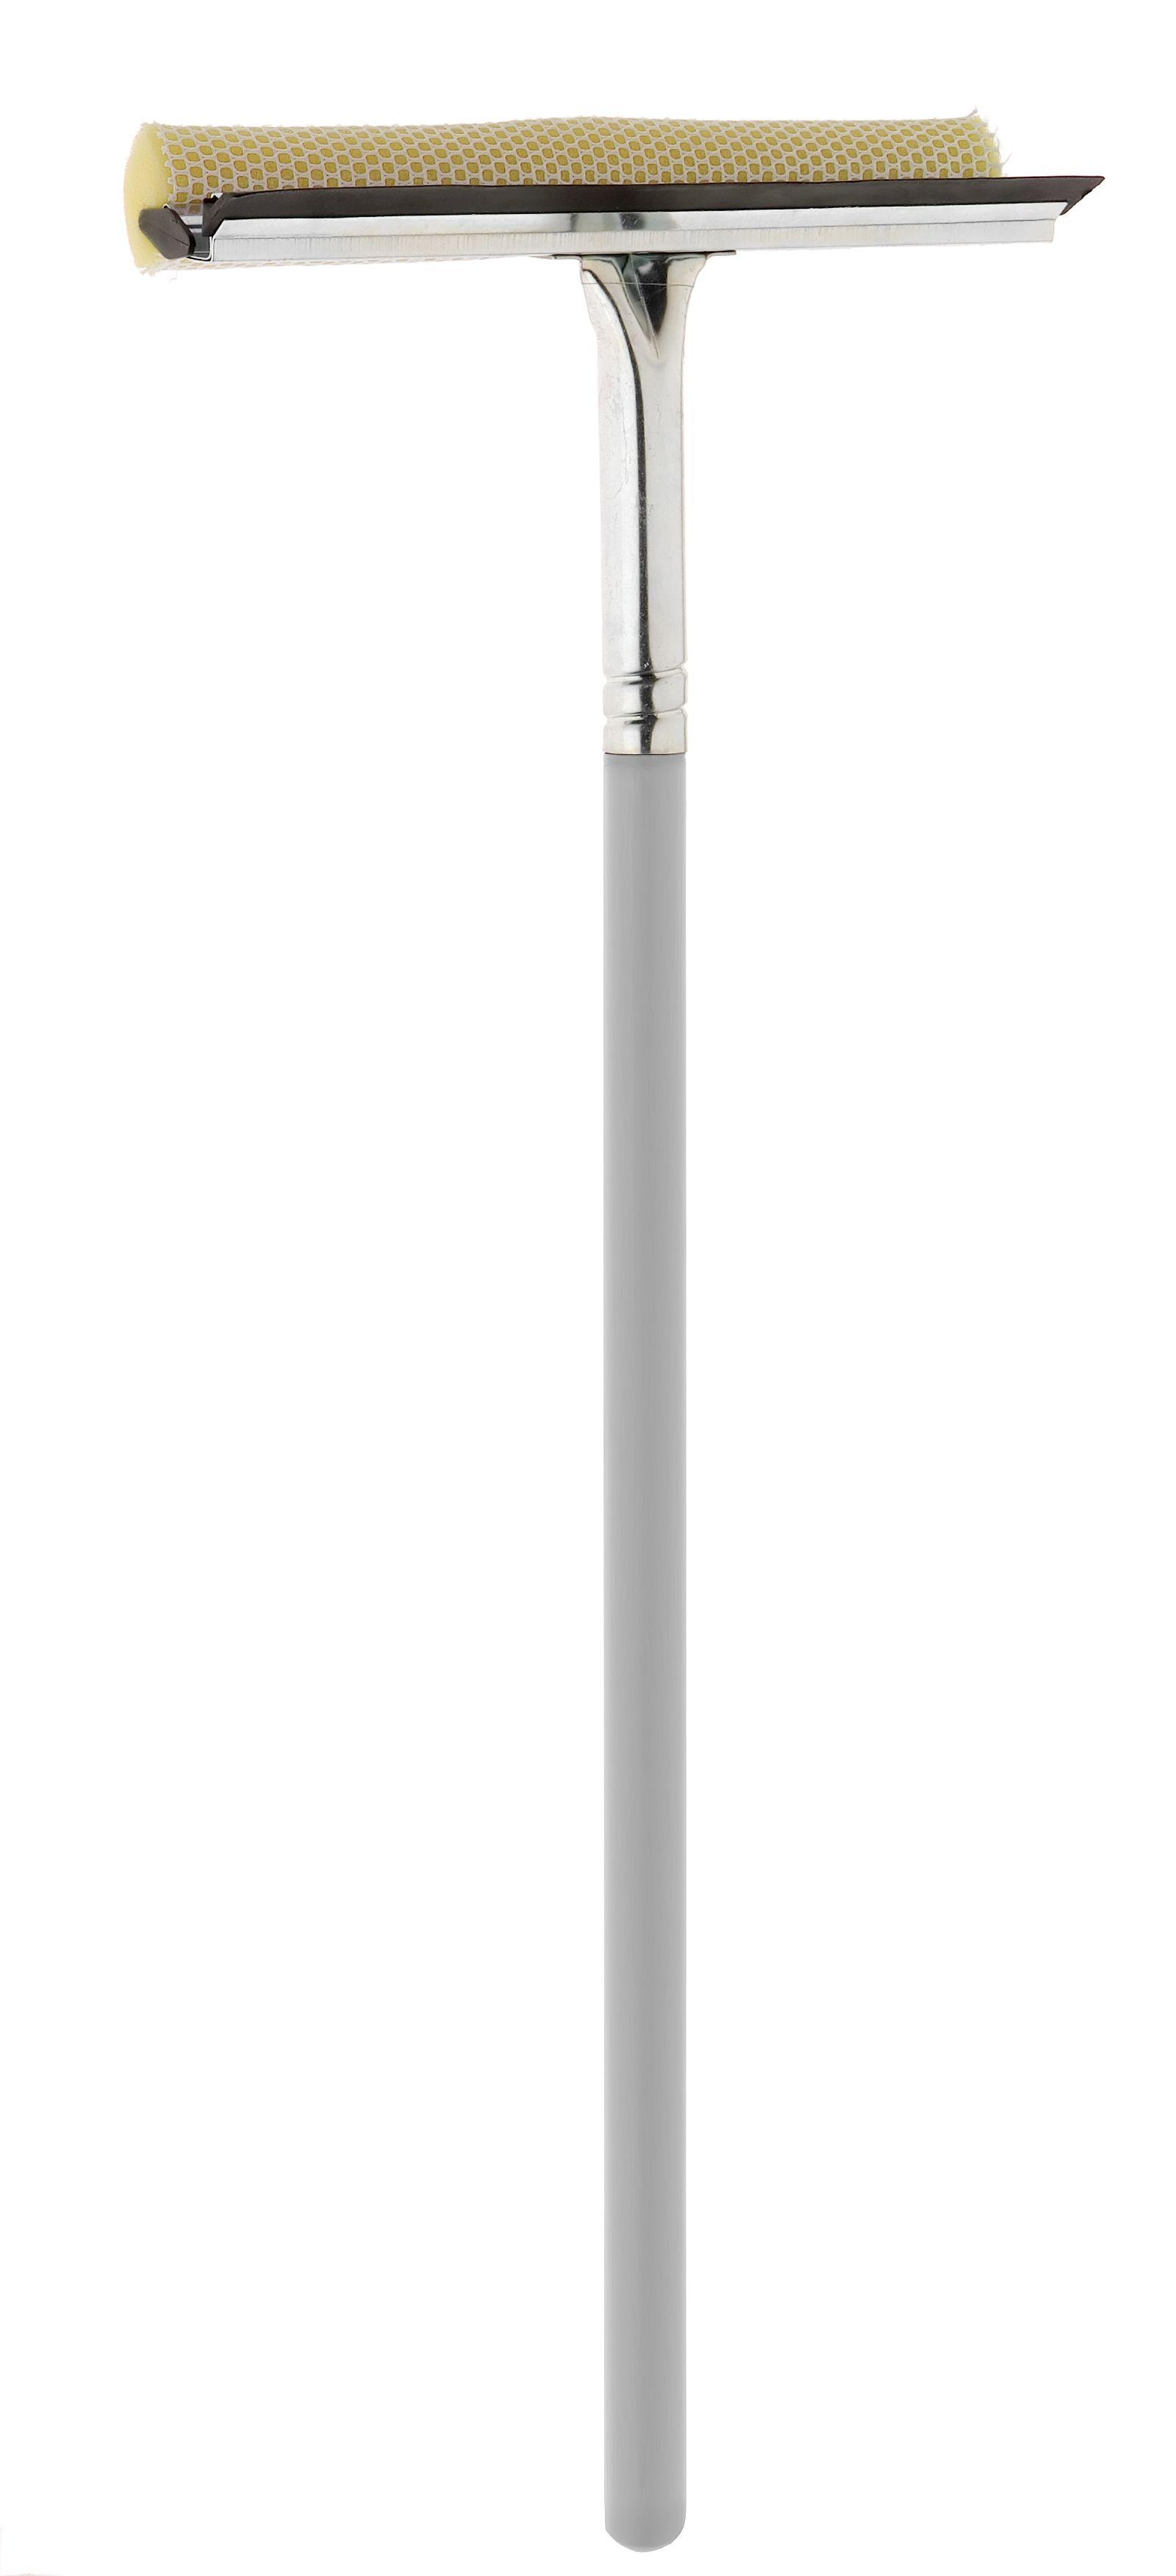 Стеклоочиститель Apex Mosquito, длина рукоятки 60 см20621-AСтеклоочиститель Apex Mosquito с мягкой губкой и кромкой из резины станет незаменимым помощником при уборке. Удобная рукоятка выполнена из дерева. Рукоятку при необходимости можно открутить. Оригинальный, современный и удобный стеклоочиститель сделает уборку эффективнее и приятнее. Размер рабочей поверхности: 25 см х 6 см х 4 см.Длина рукоятки: 60 см.